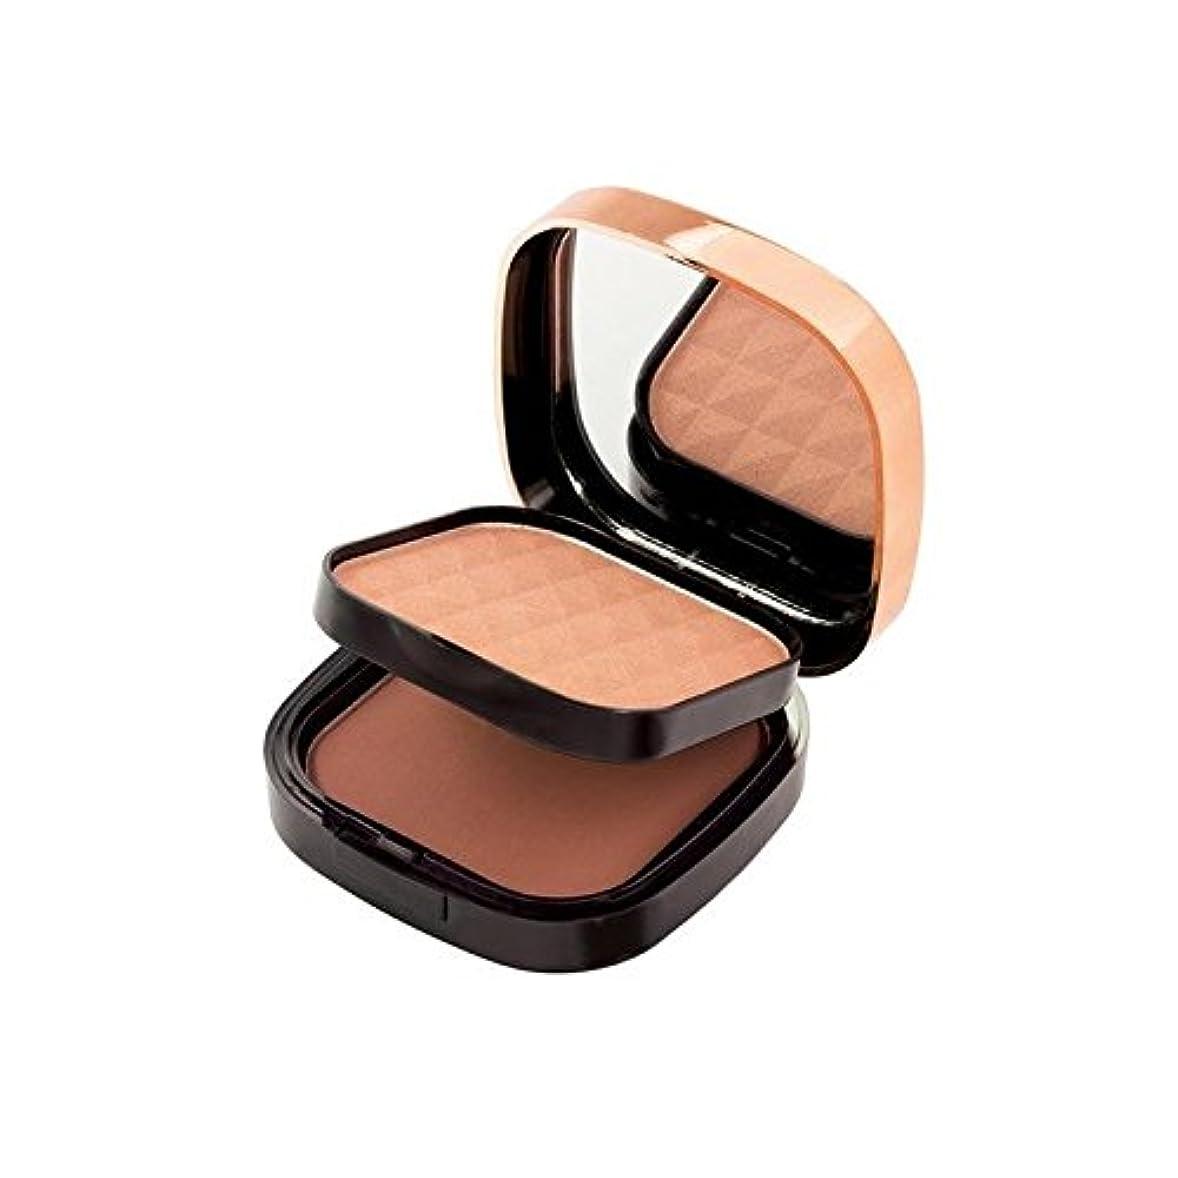 悪因子コンデンサーマントラックスブロンズ&彫刻輪郭キット - ダーク/メディア x4 - MUA Luxe Bronze & Sculpt Contour Kit - Medium/Dark (Pack of 4) [並行輸入品]